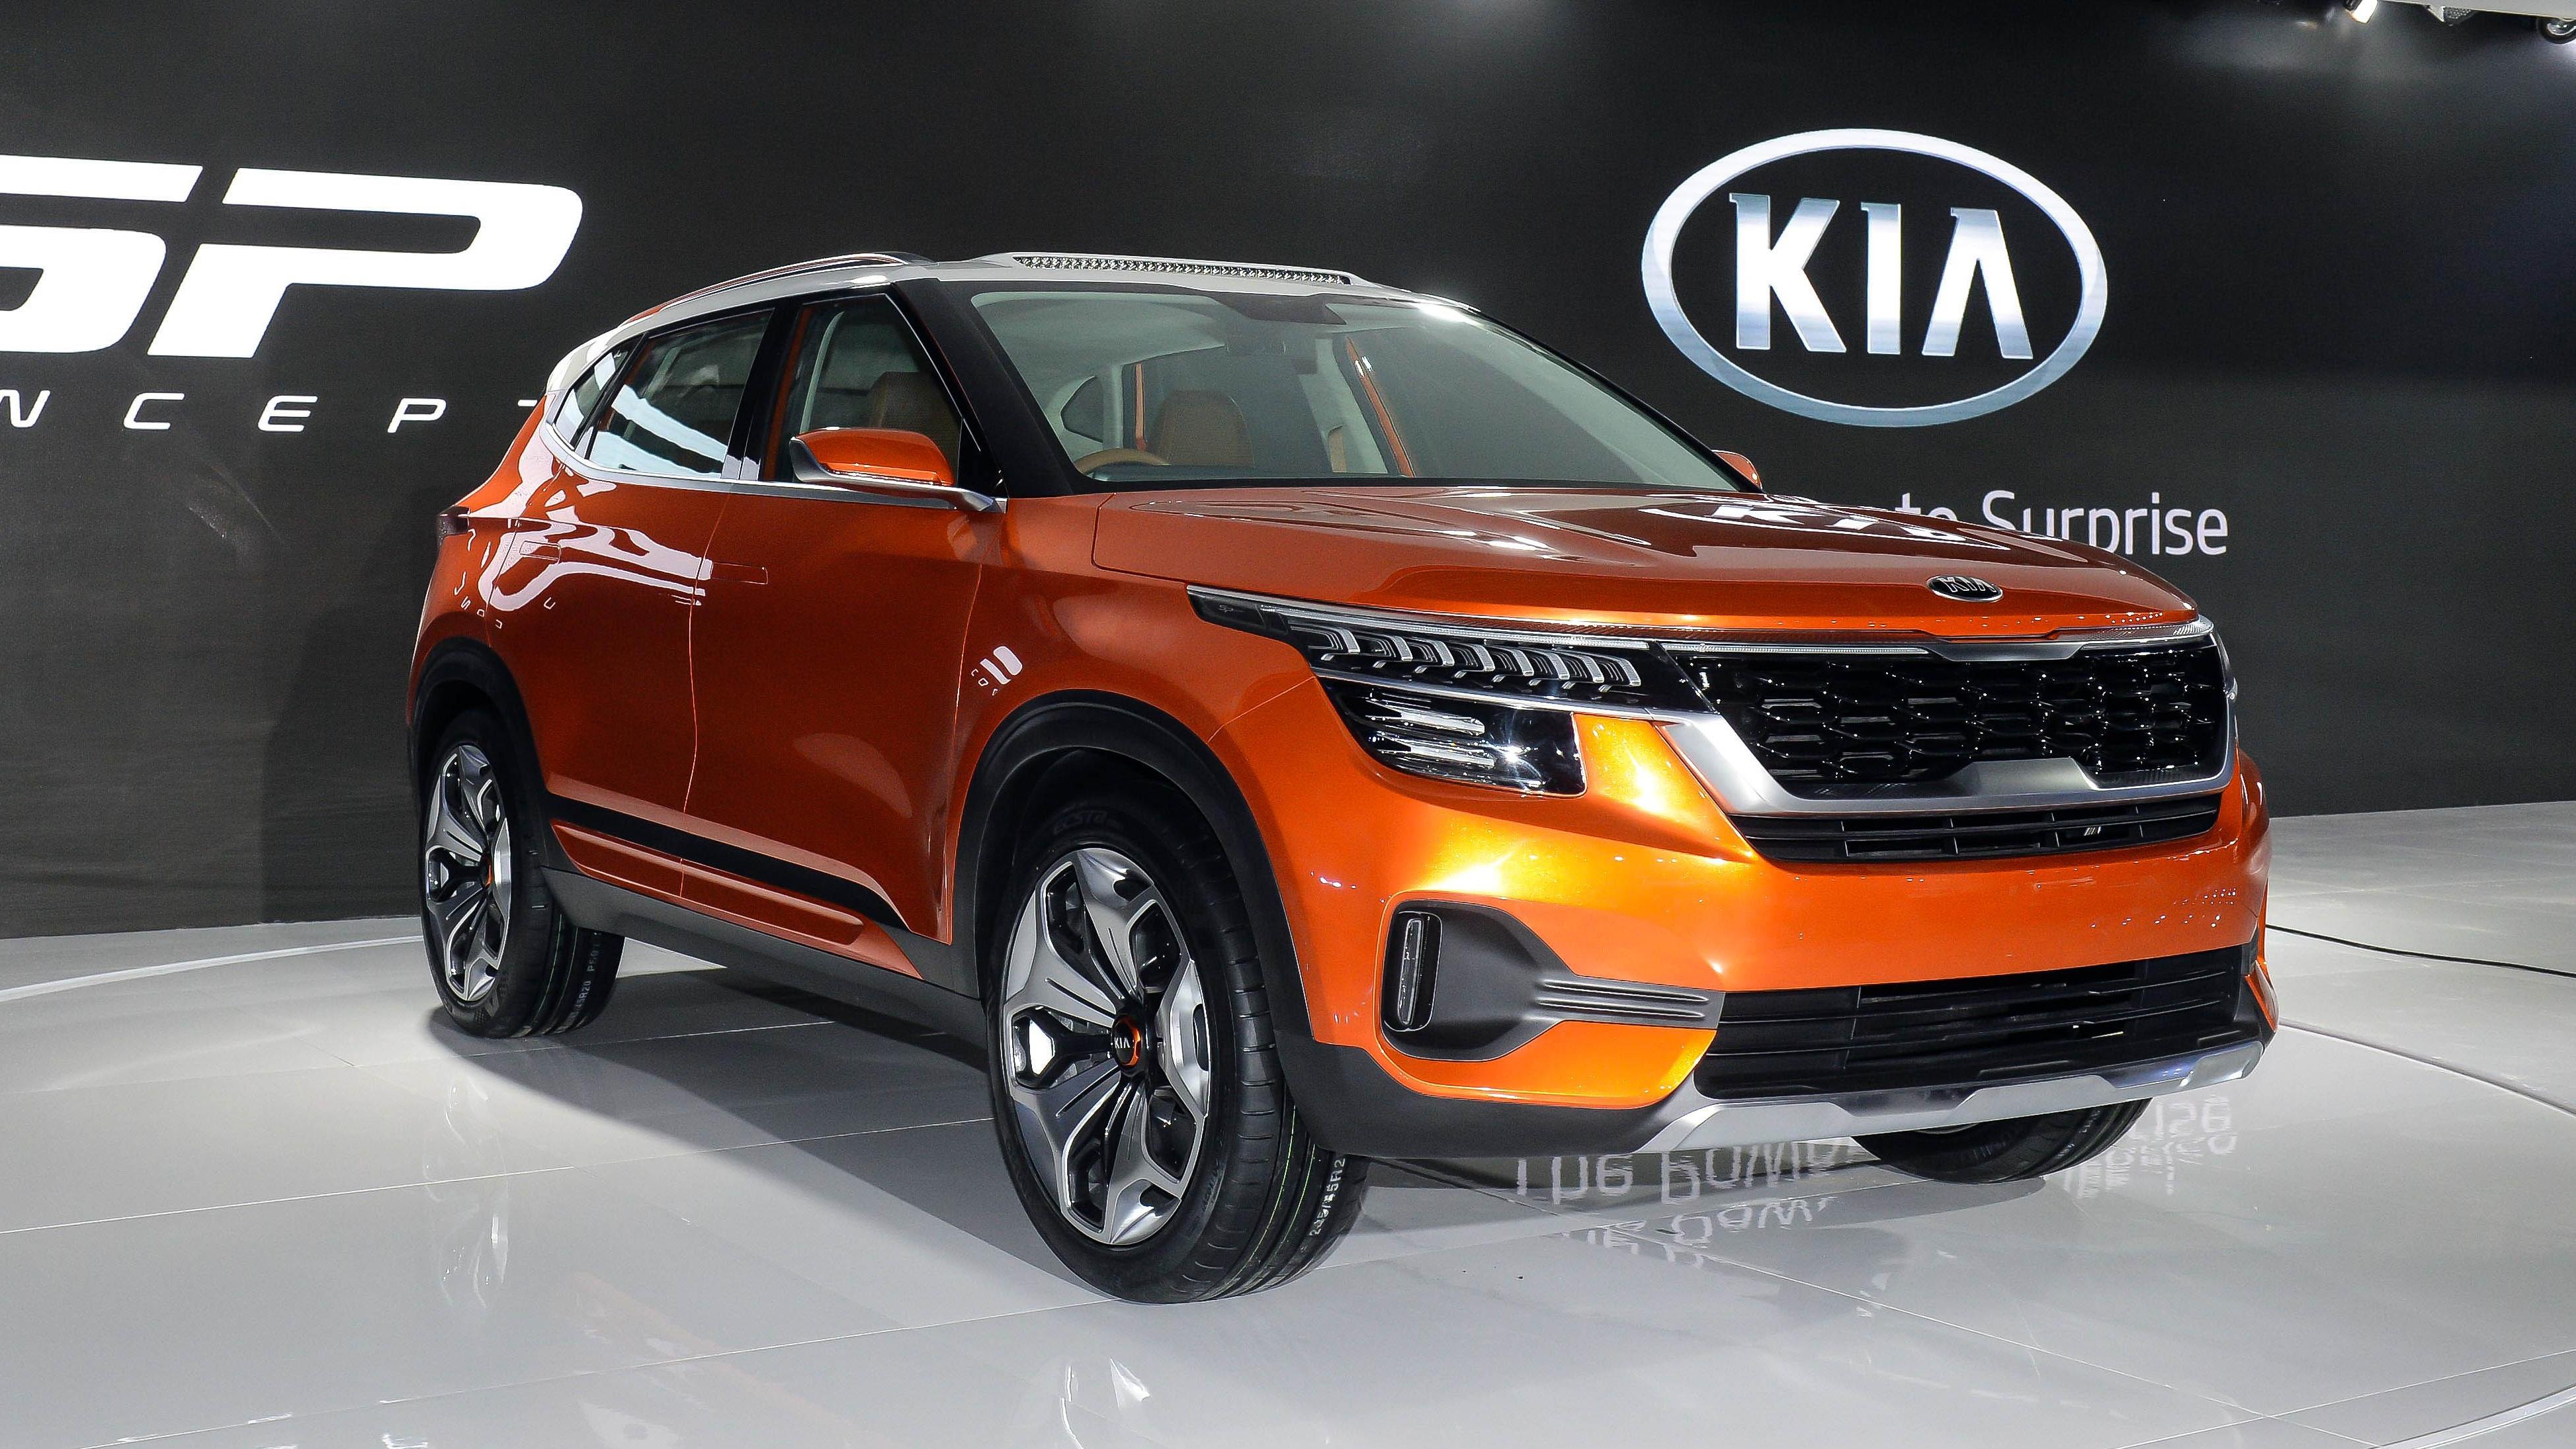 News Kia Unveils Futuristic Sp Concept In New Dehli